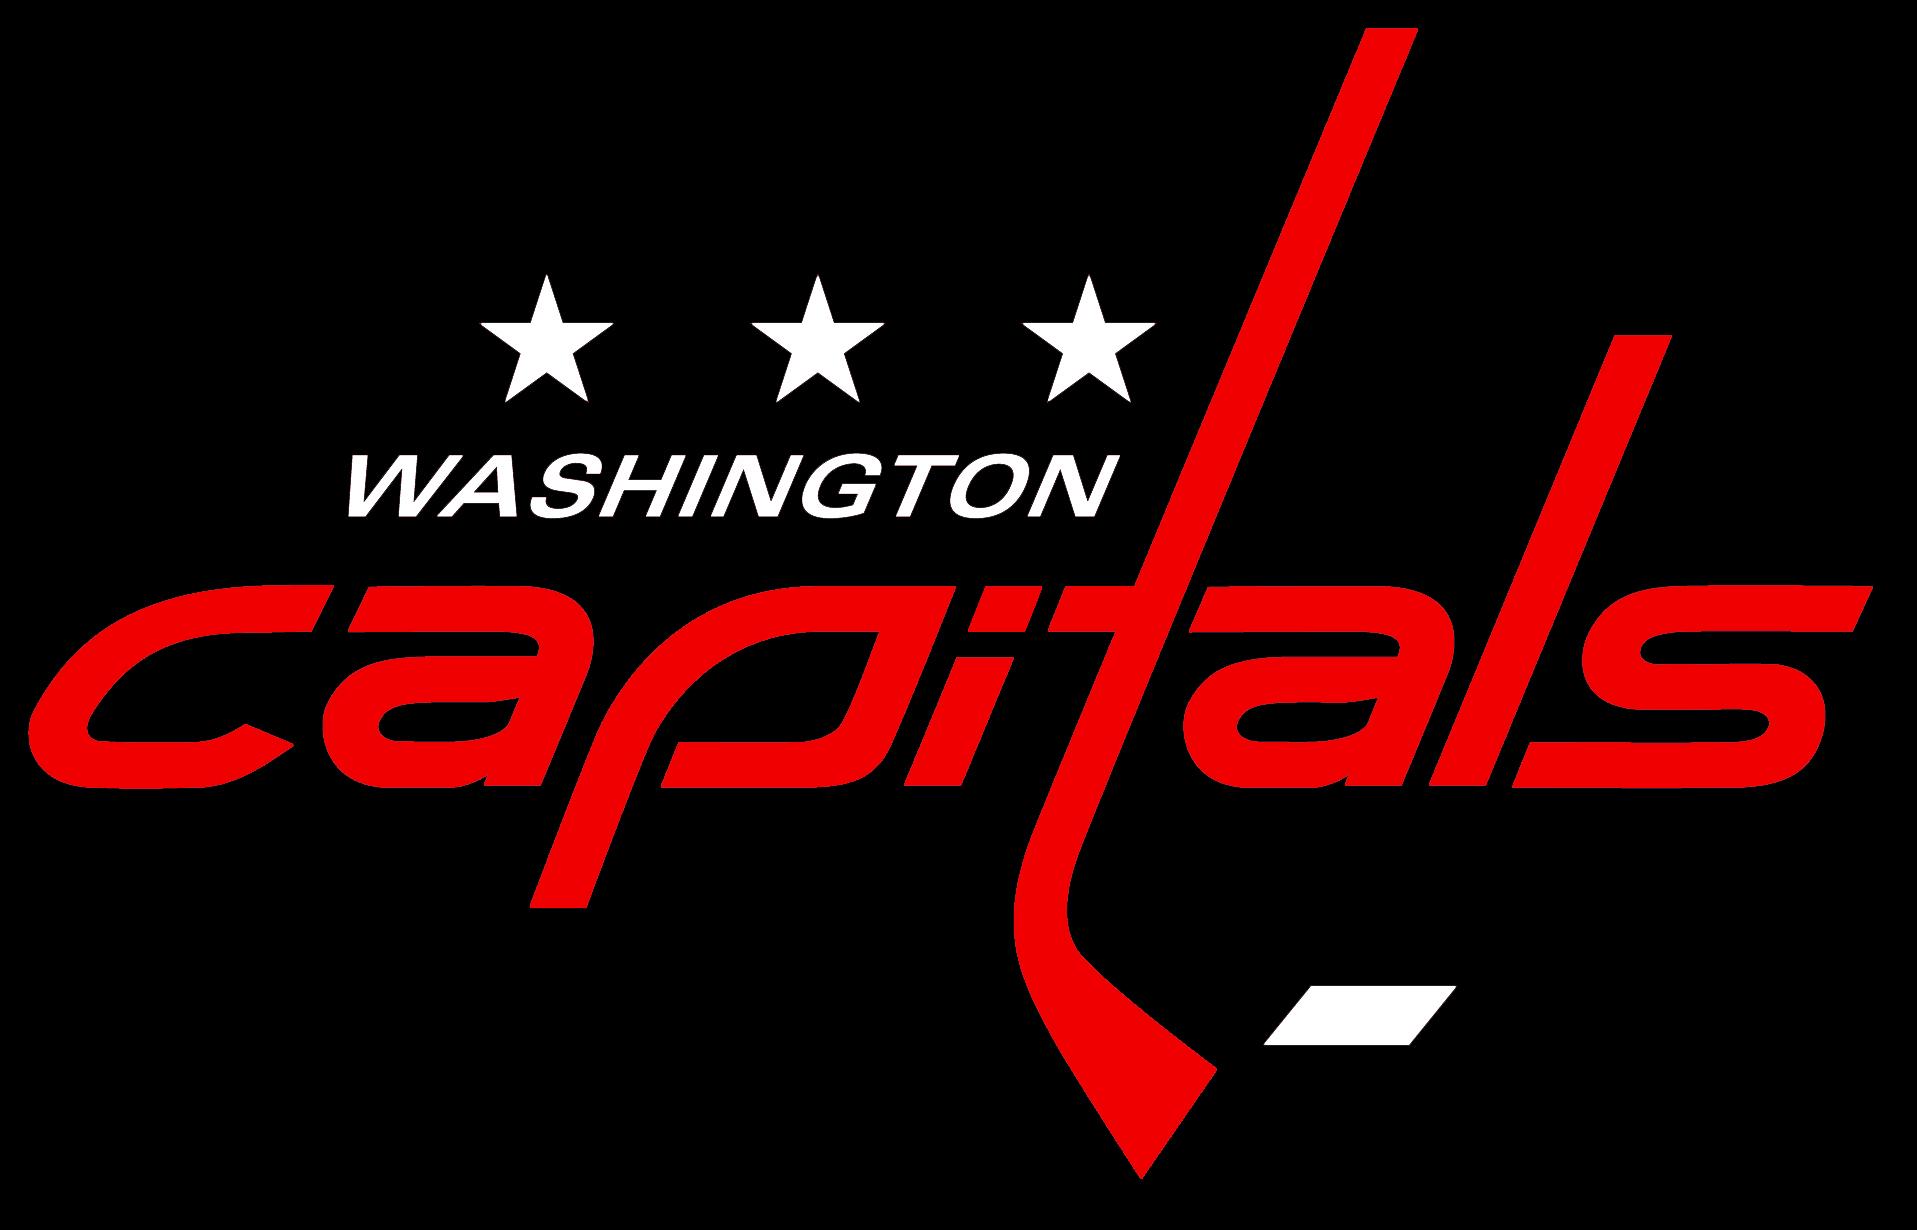 Text Hockey Wallpaper 1917x1230 Text Hockey Washington Capitals 1917x1230